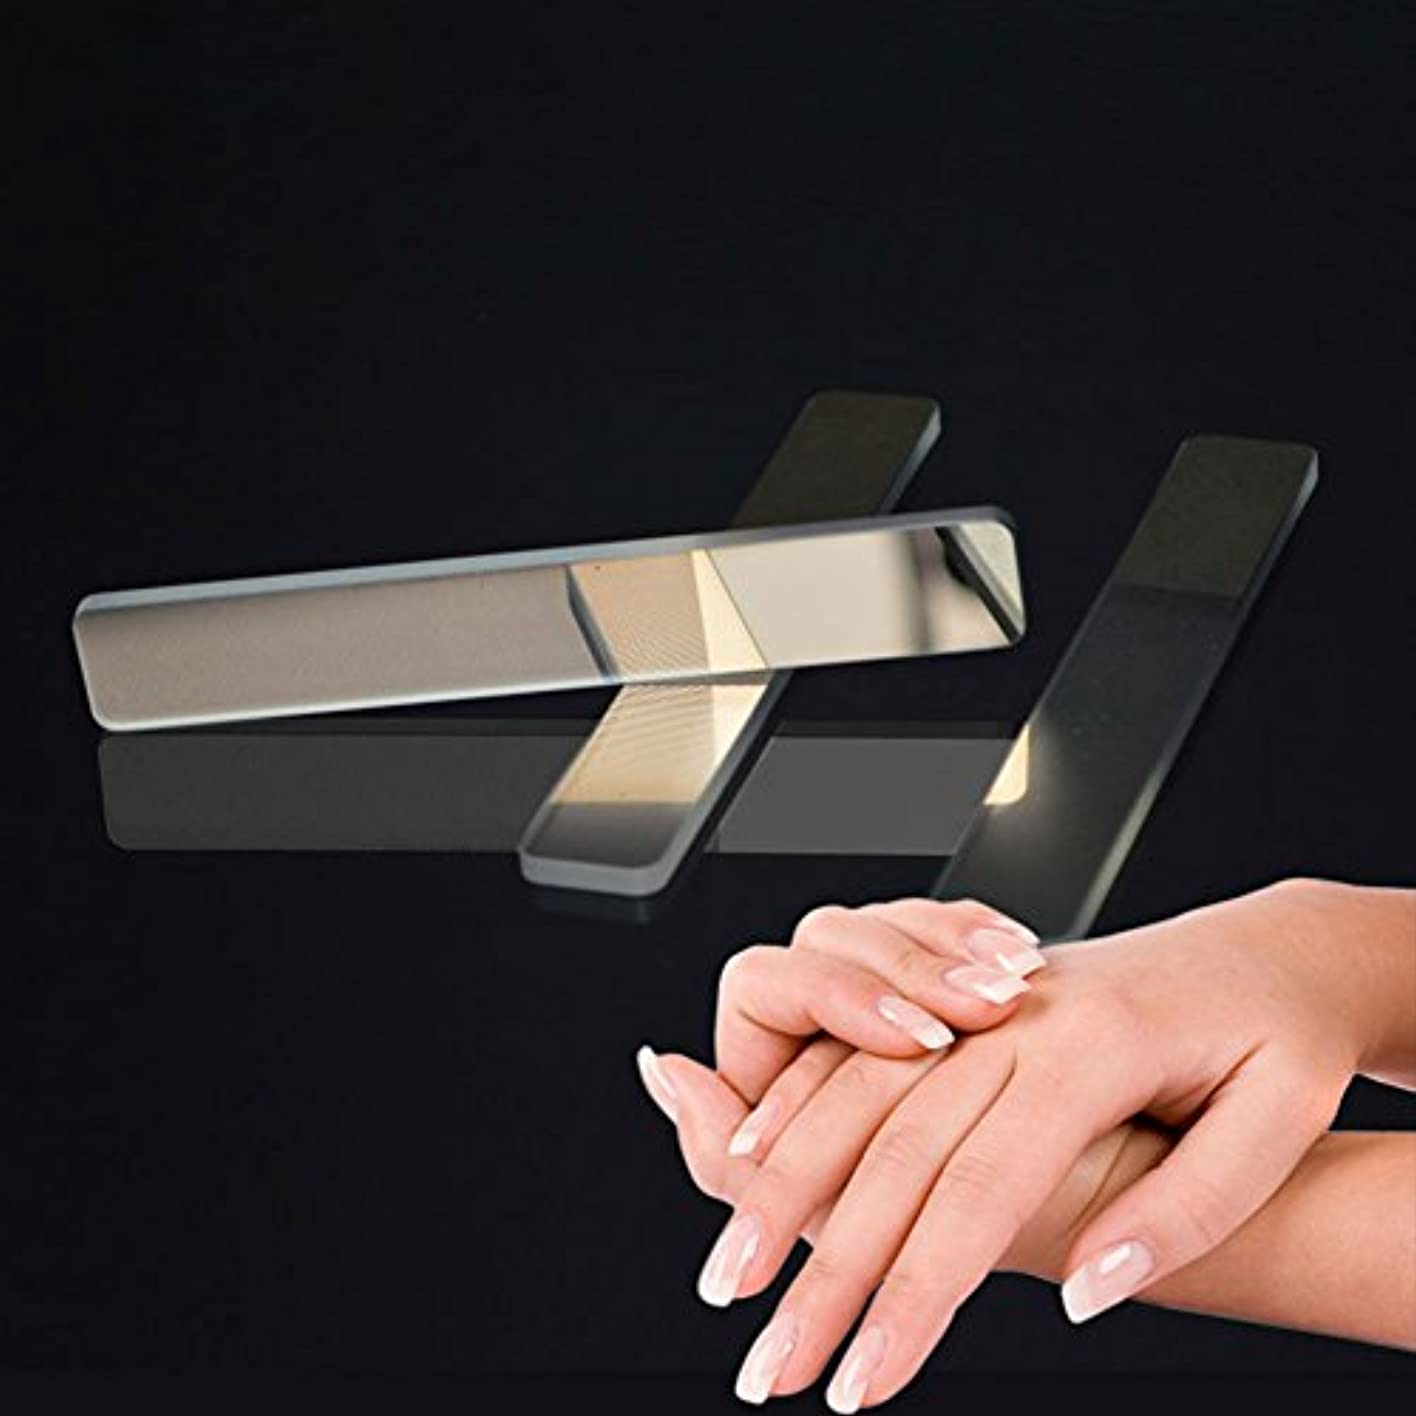 無声でうぬぼれバター爪やすり WUUDI 爪磨き ガラス爪ヤスリ ネイルファイル ネイルシャイナー つめケア ガラス製 ネイルケア 甘皮処理 (白)